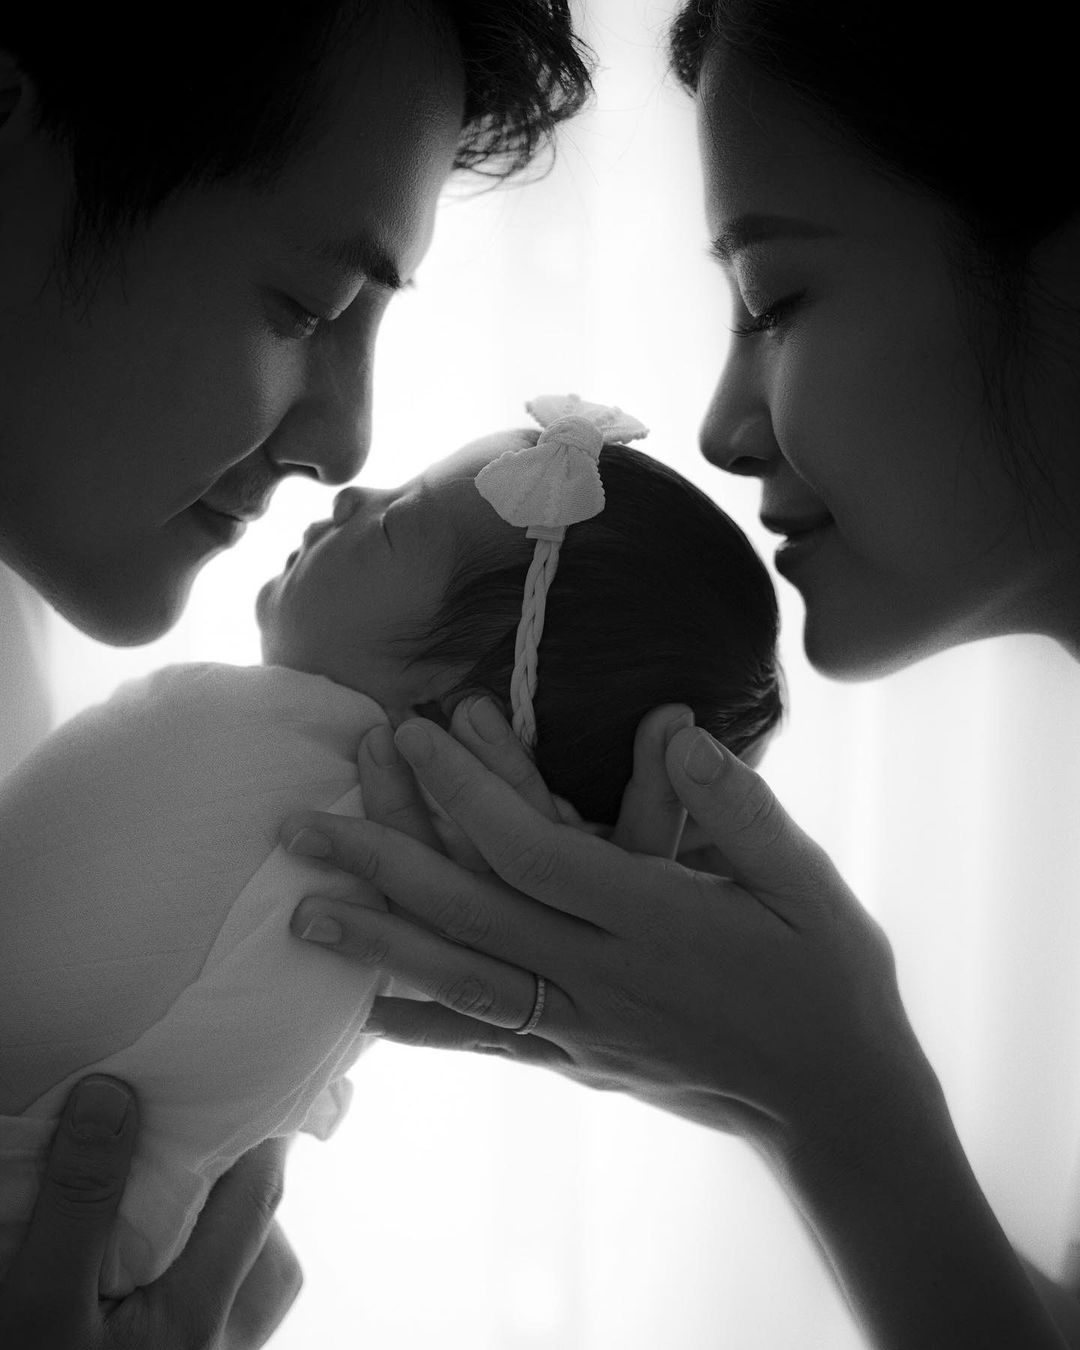 Đông Nhi tung bộ ảnh khoe nhan sắc đỉnh của chóp sau 1 tháng sinh con gái